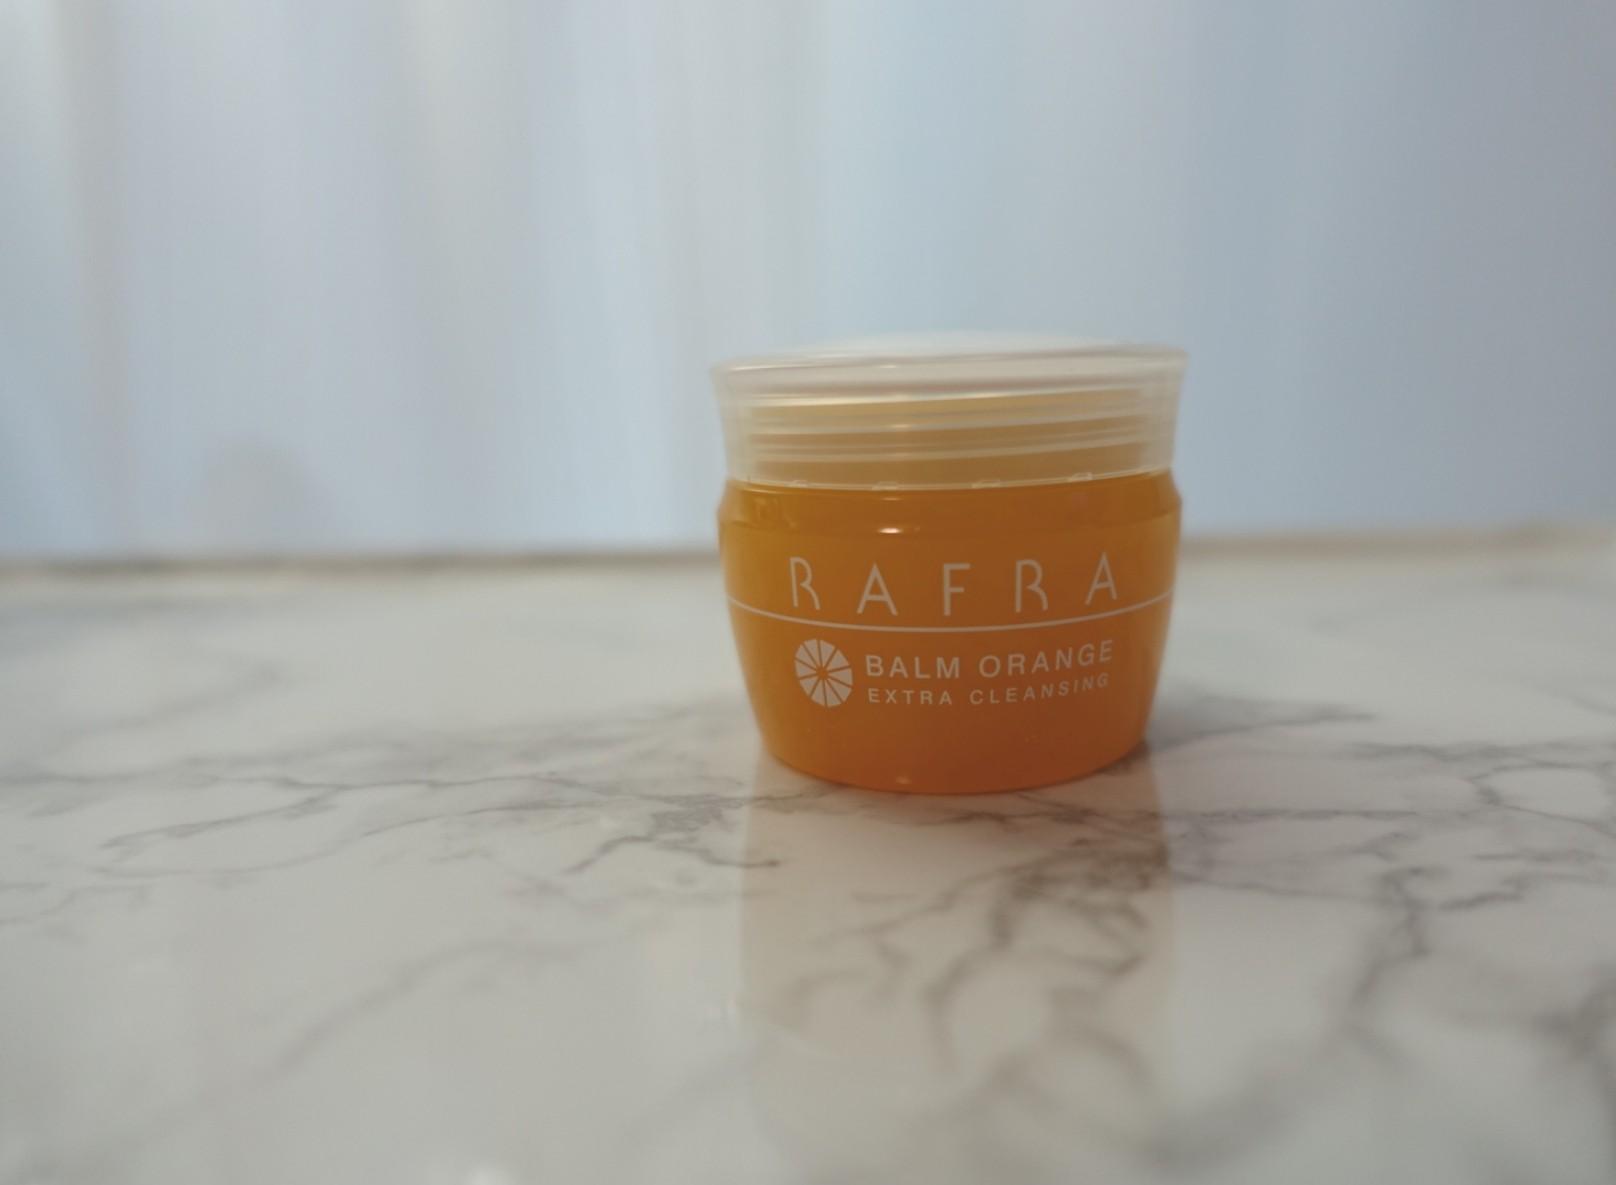 RAFRA(ラフラ) バームオレンジ